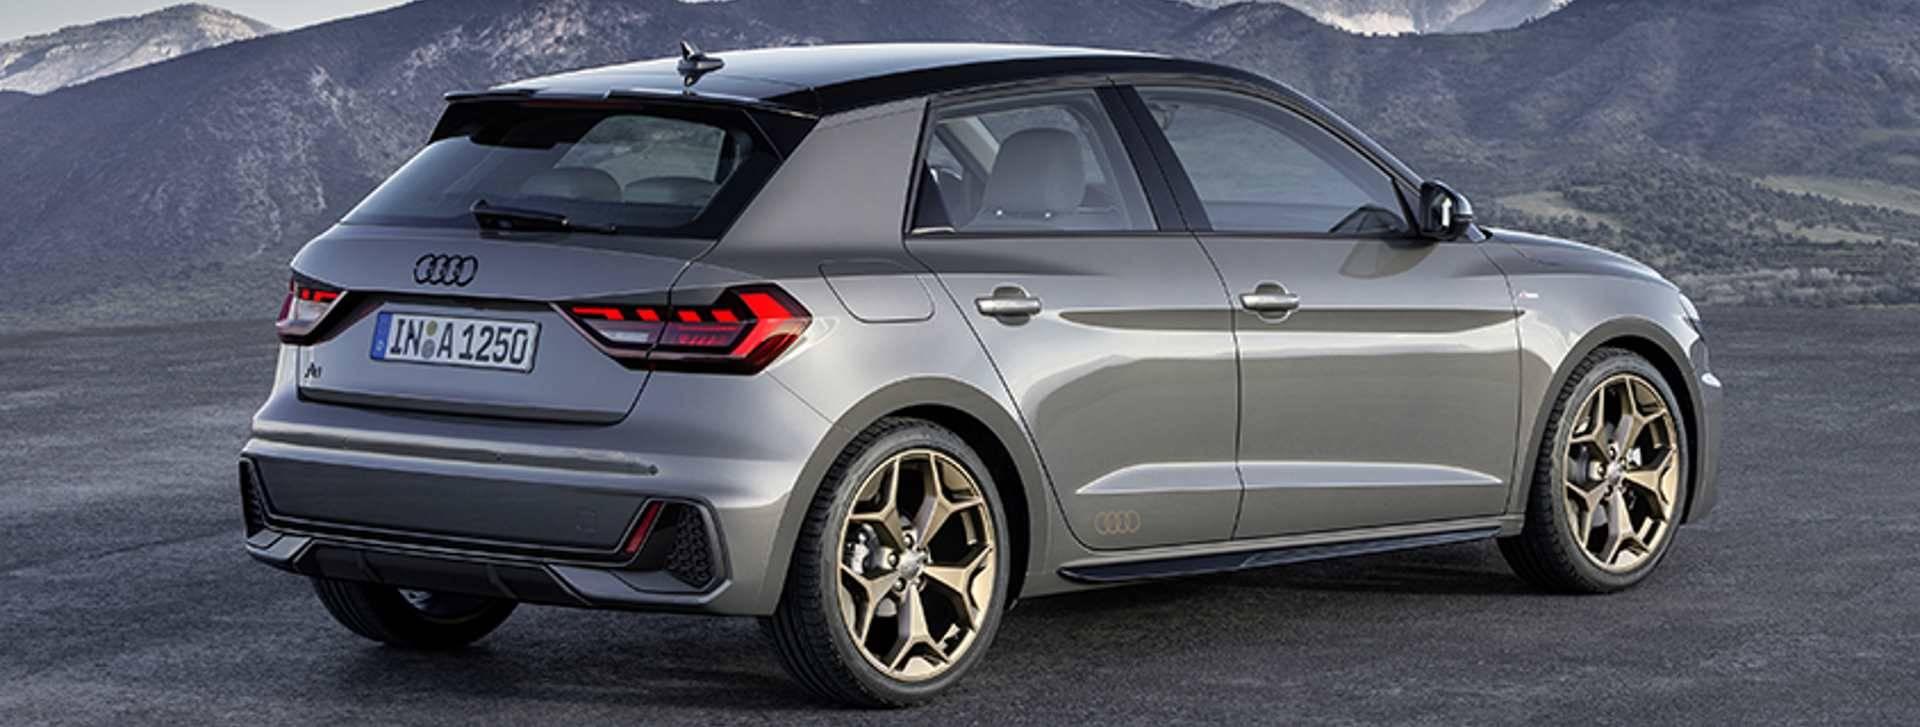 Nouvelle Audi A1 Sportback 5 portes 2